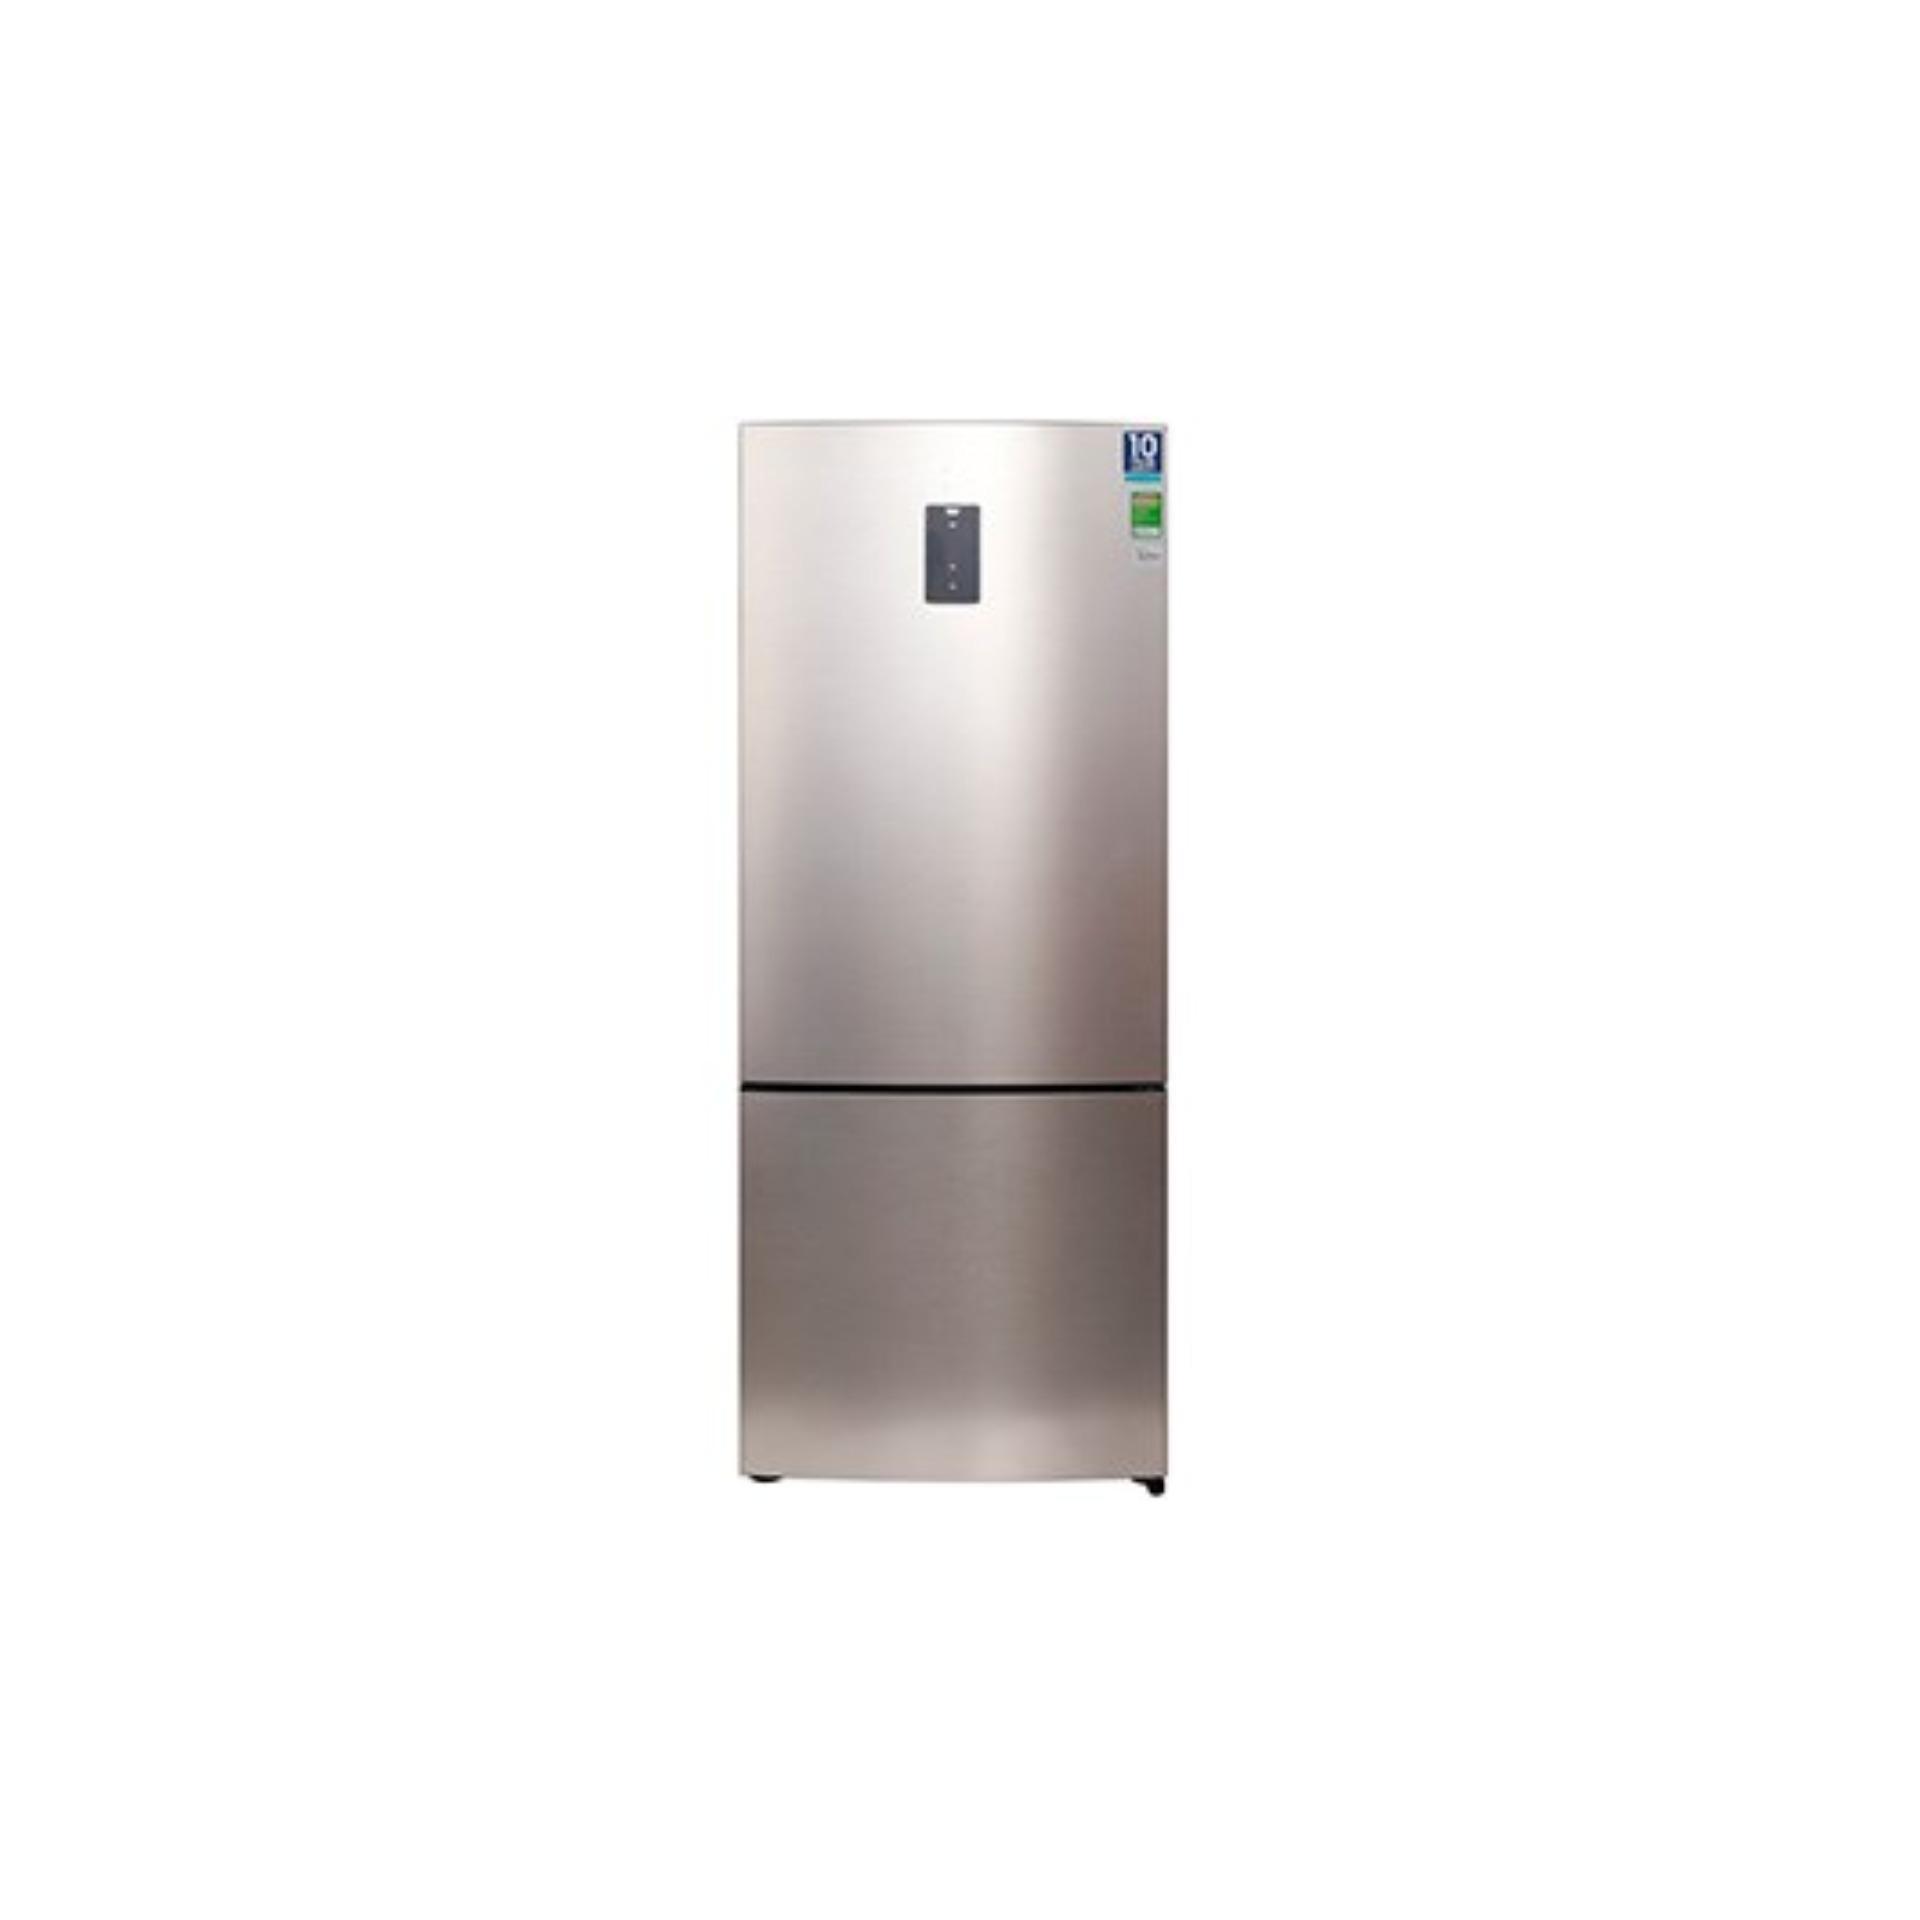 Tủ lạnh Electrolux EBE4502GA